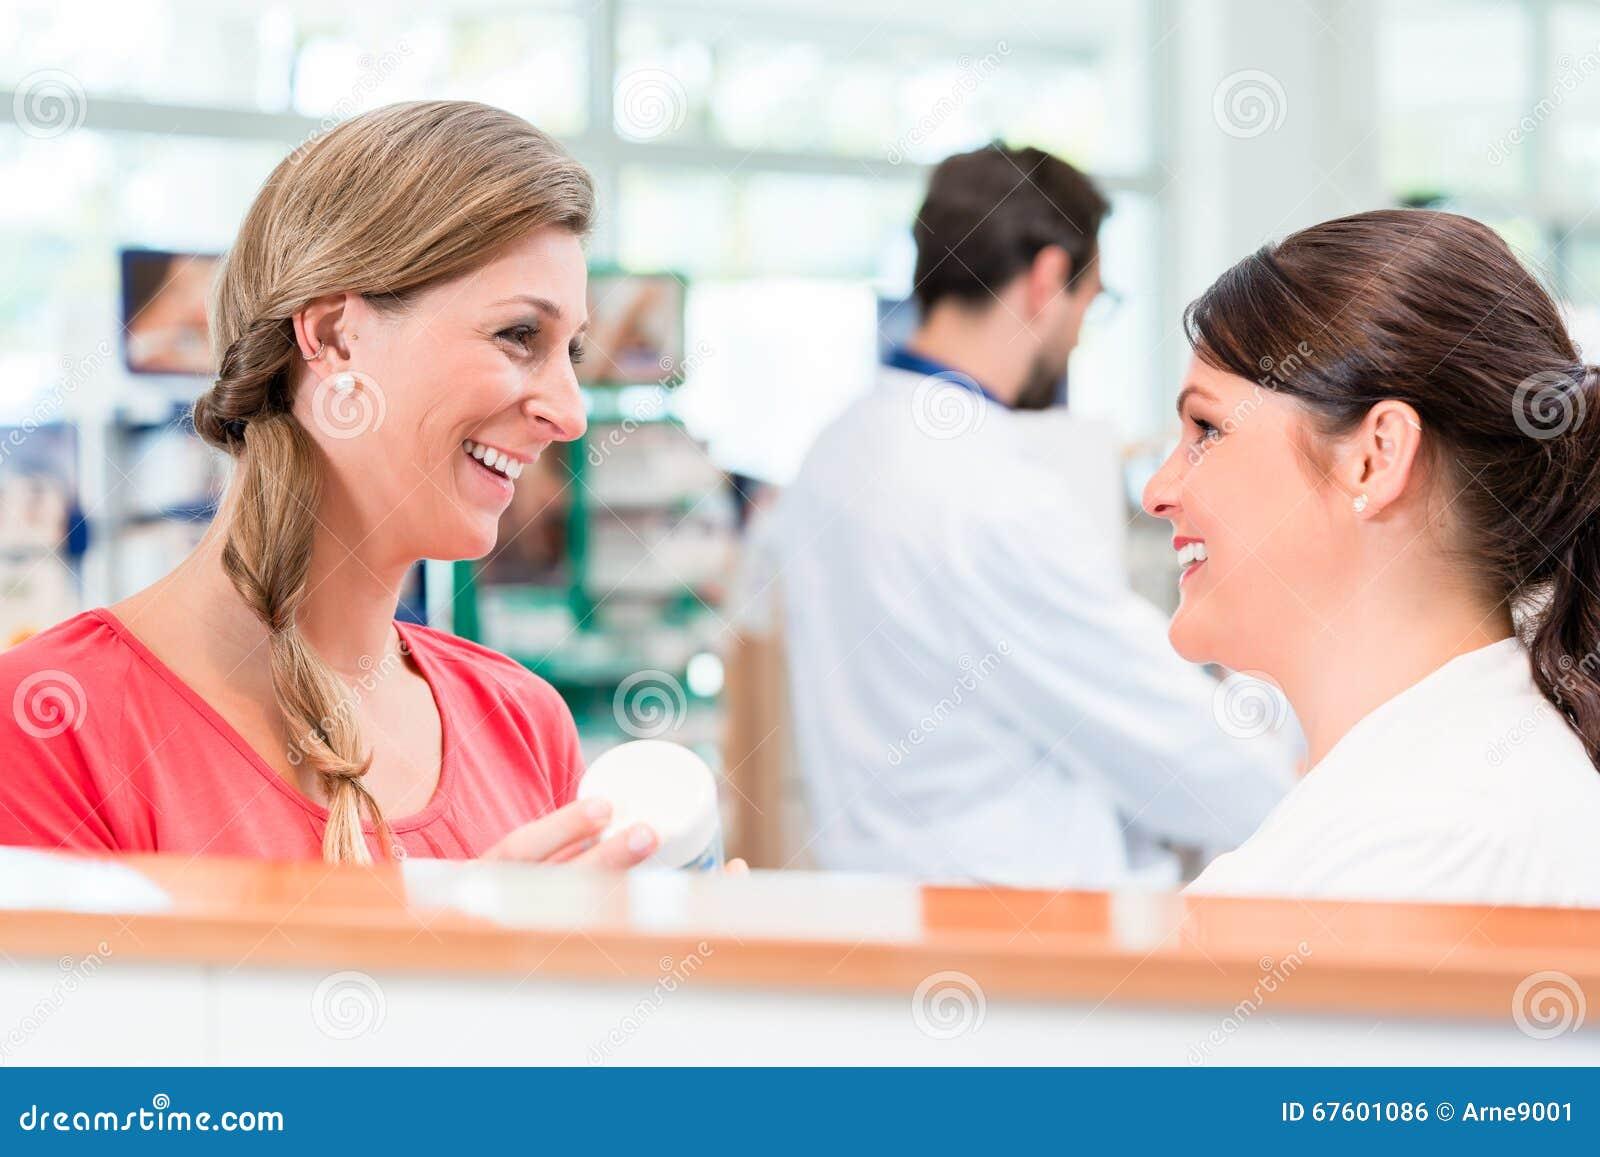 customer shopping in pharmacy or drug store stock photo image customer shopping in pharmacy or drug store